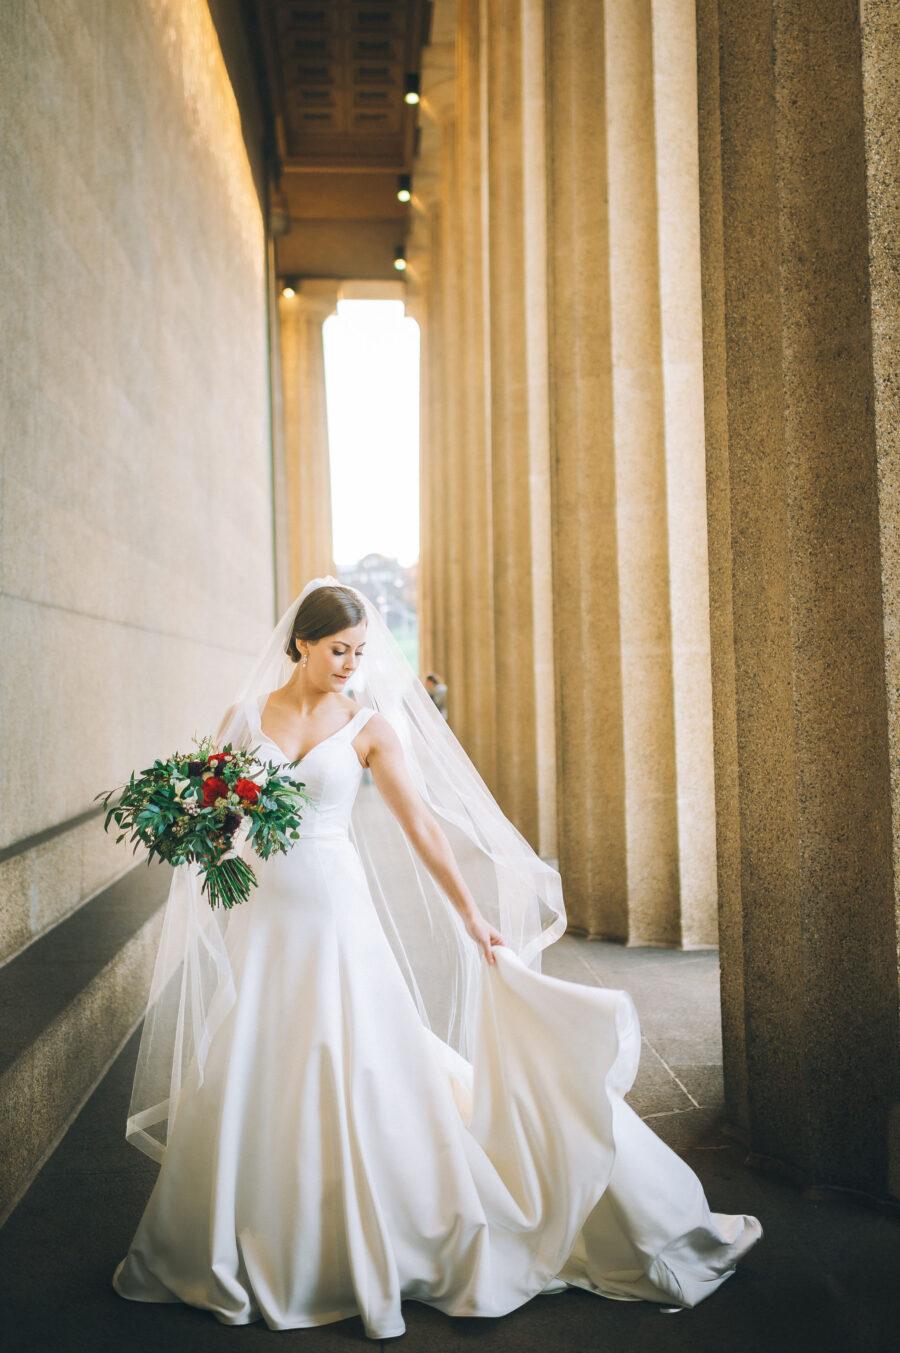 Bridal portrait: Classic Winter Wedding by Details Nashville